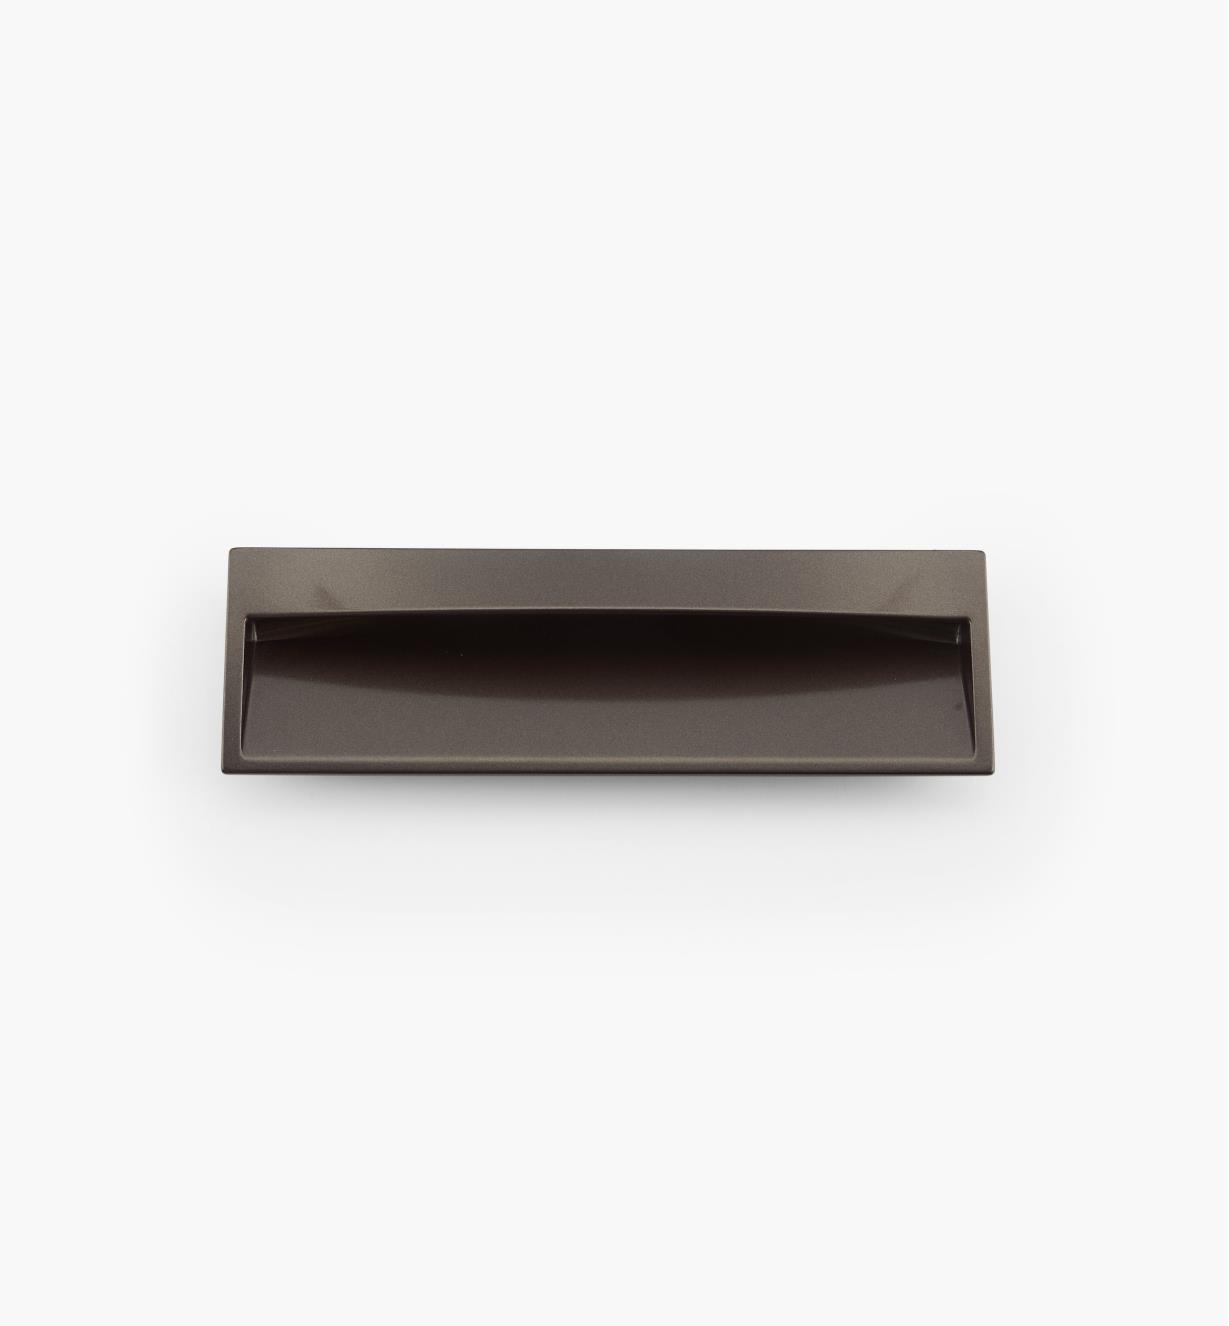 02W3951 - Poignée encastrée rectangulaire, fini palladium, 170 mm x 52 mm